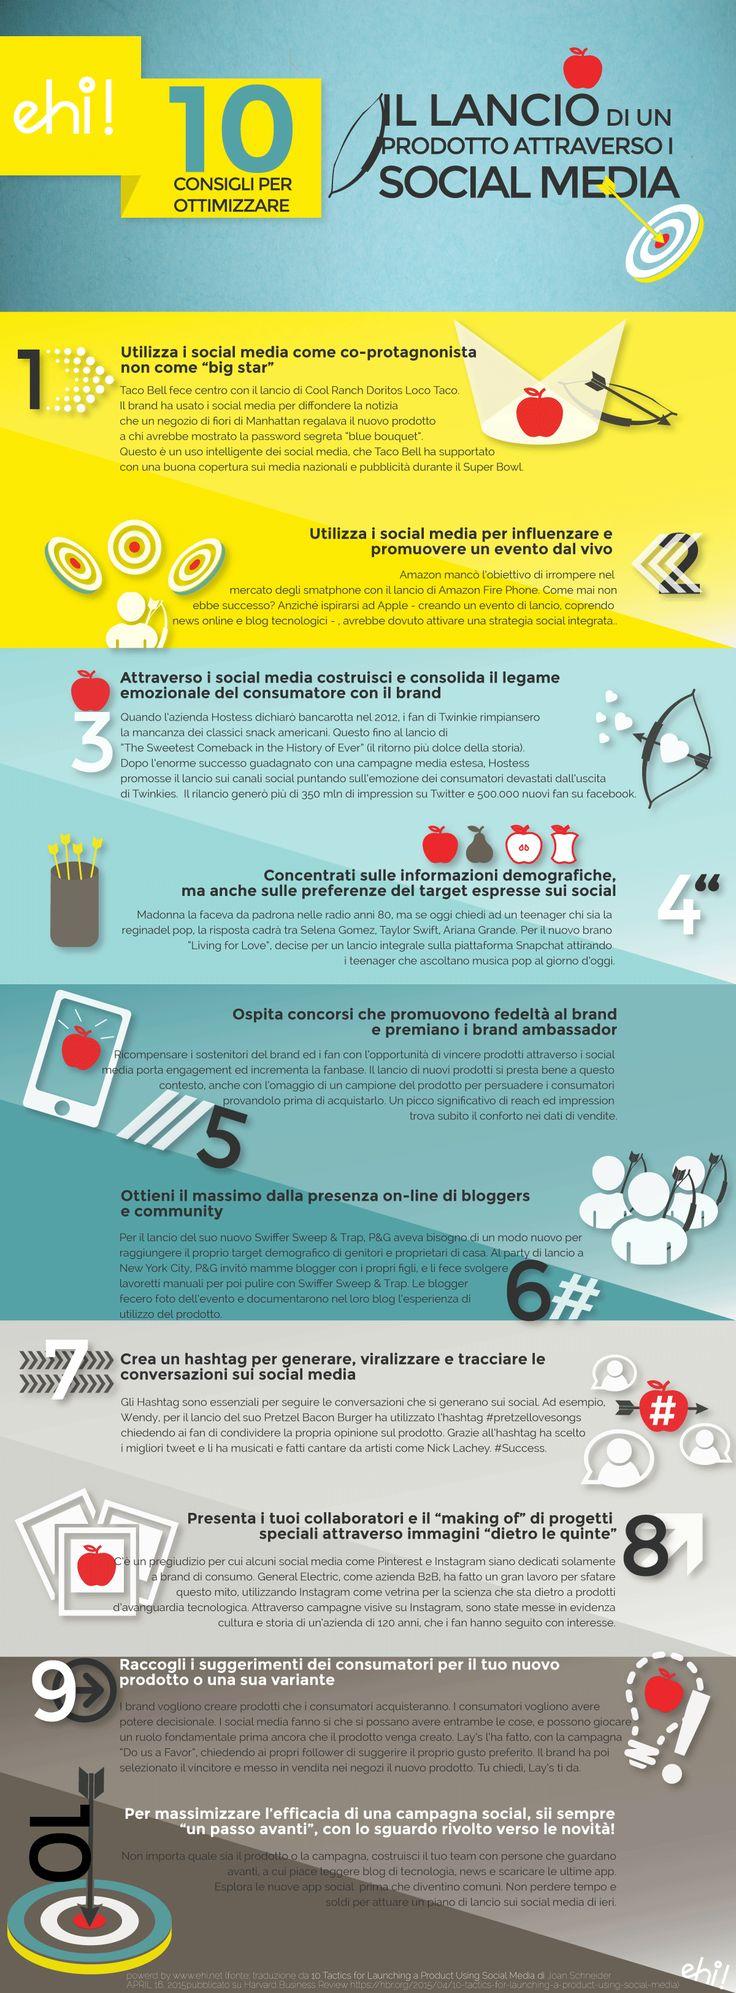 ottimizzare il Lancio di un prodotto attraverso i social media #socialnetwork #digital strategy #infographic of the day